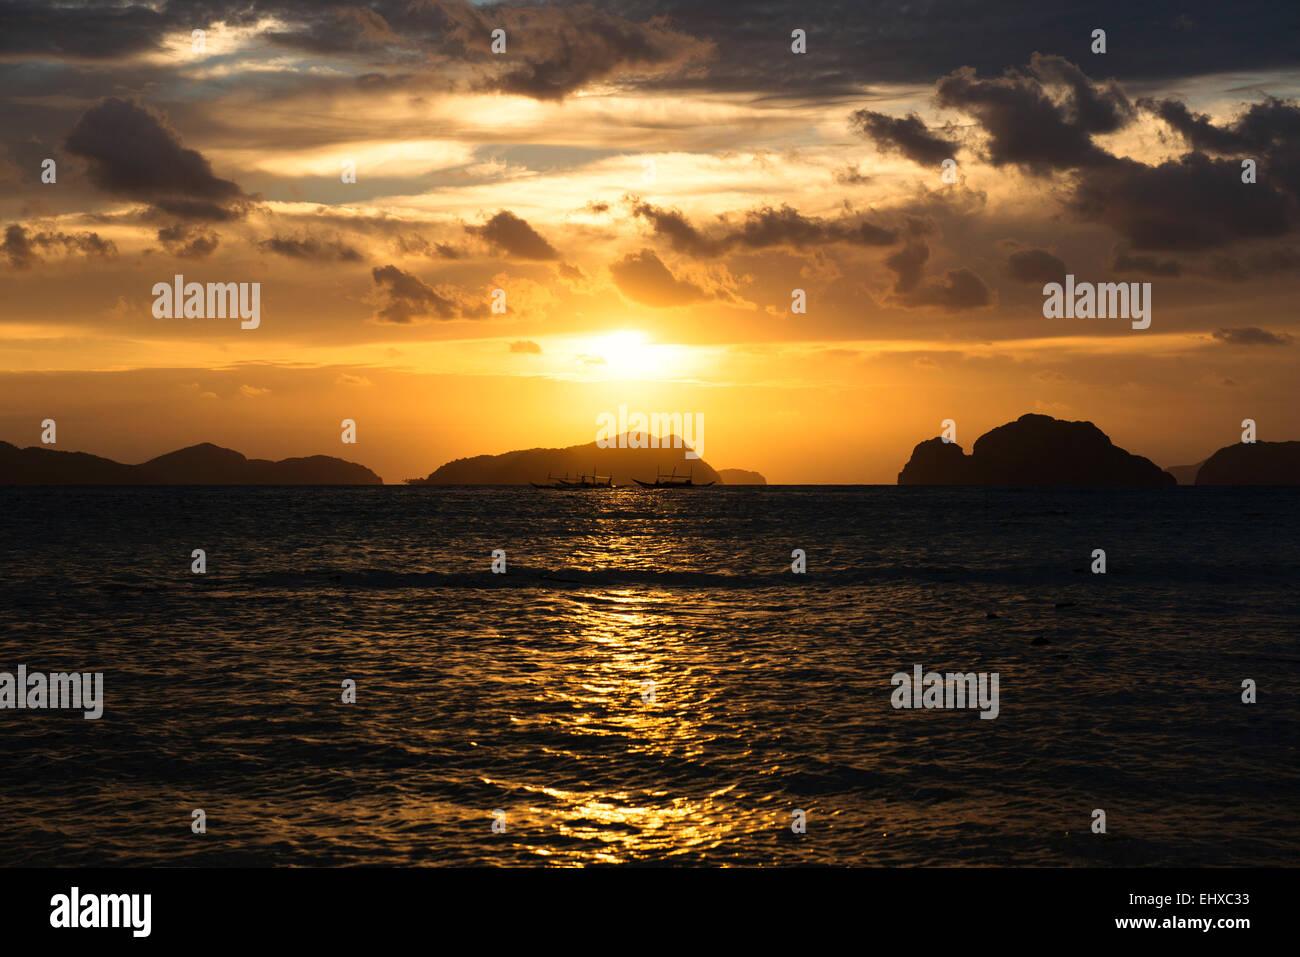 Philippines, Palawan, El Nido, sailing ships at sunset - Stock Image